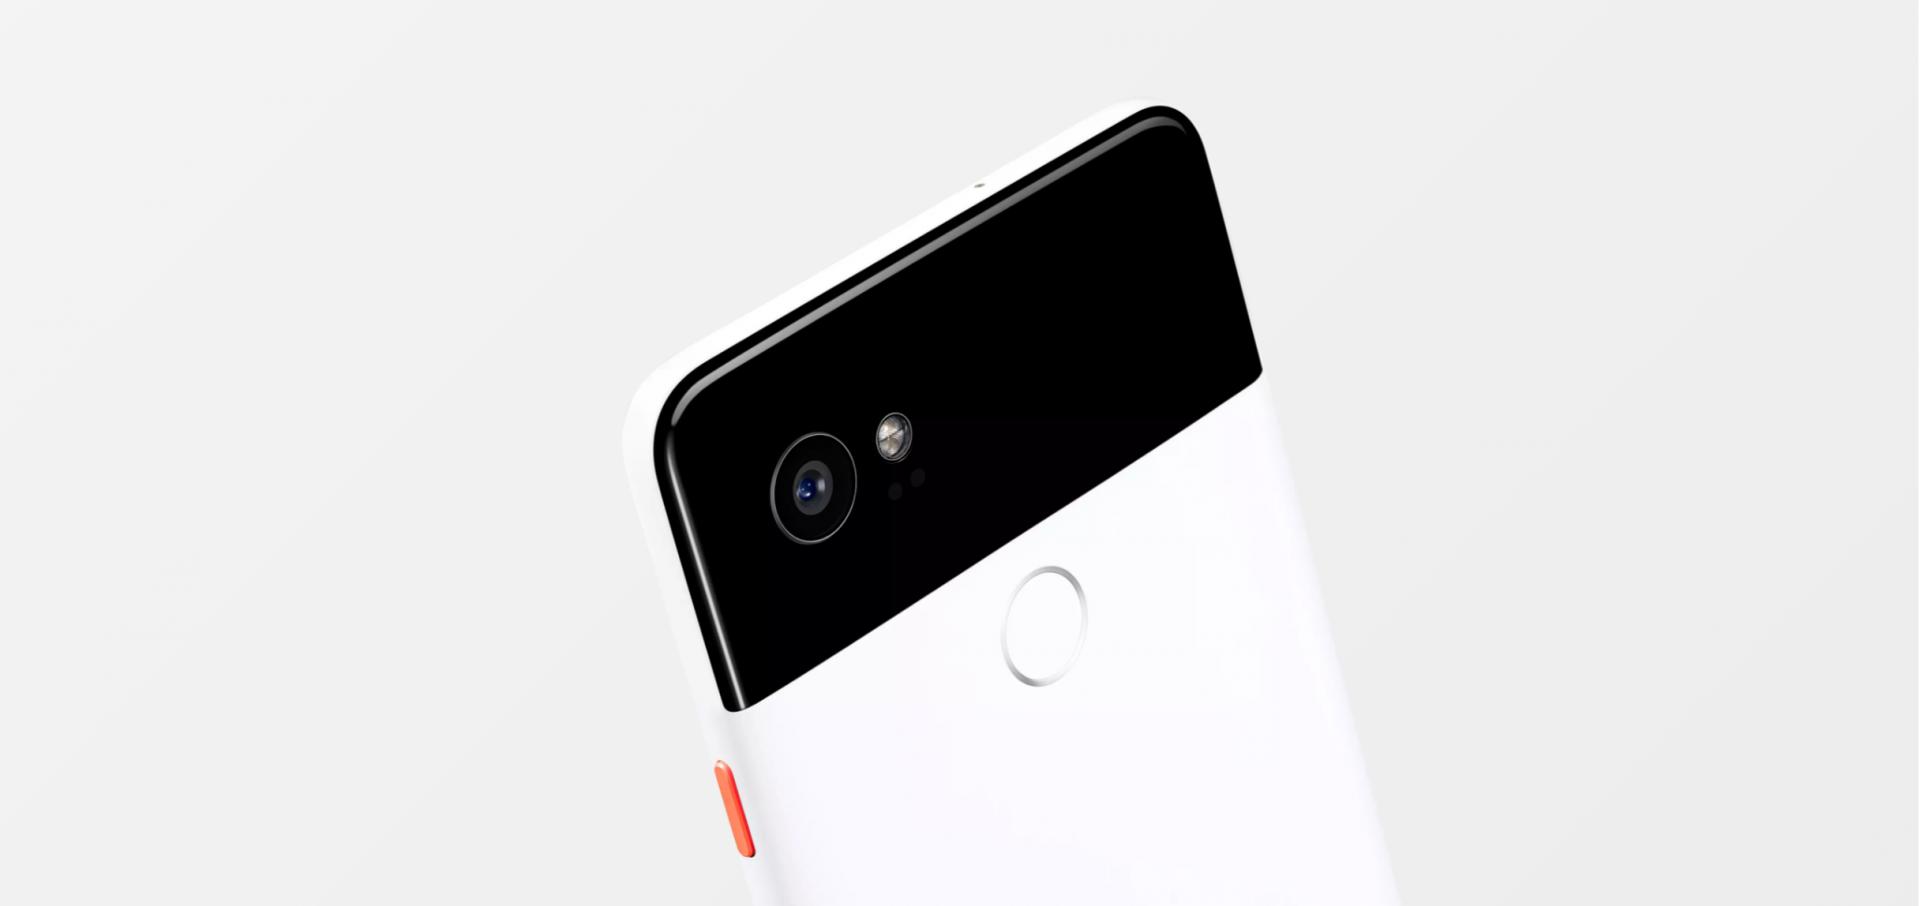 Google Pixel 2 prezzo in italia uscita